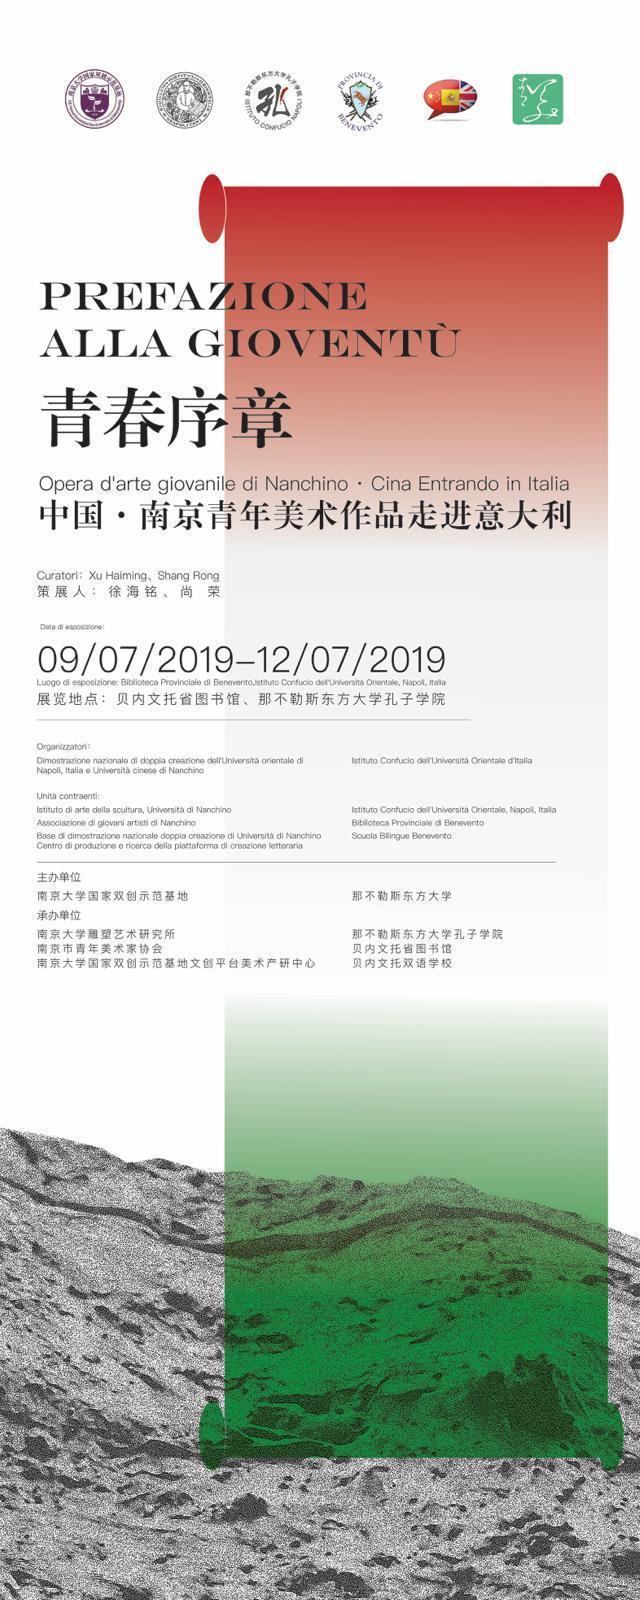 WhatsApp Image 2019-07-07 at 17.58.23.jpeg